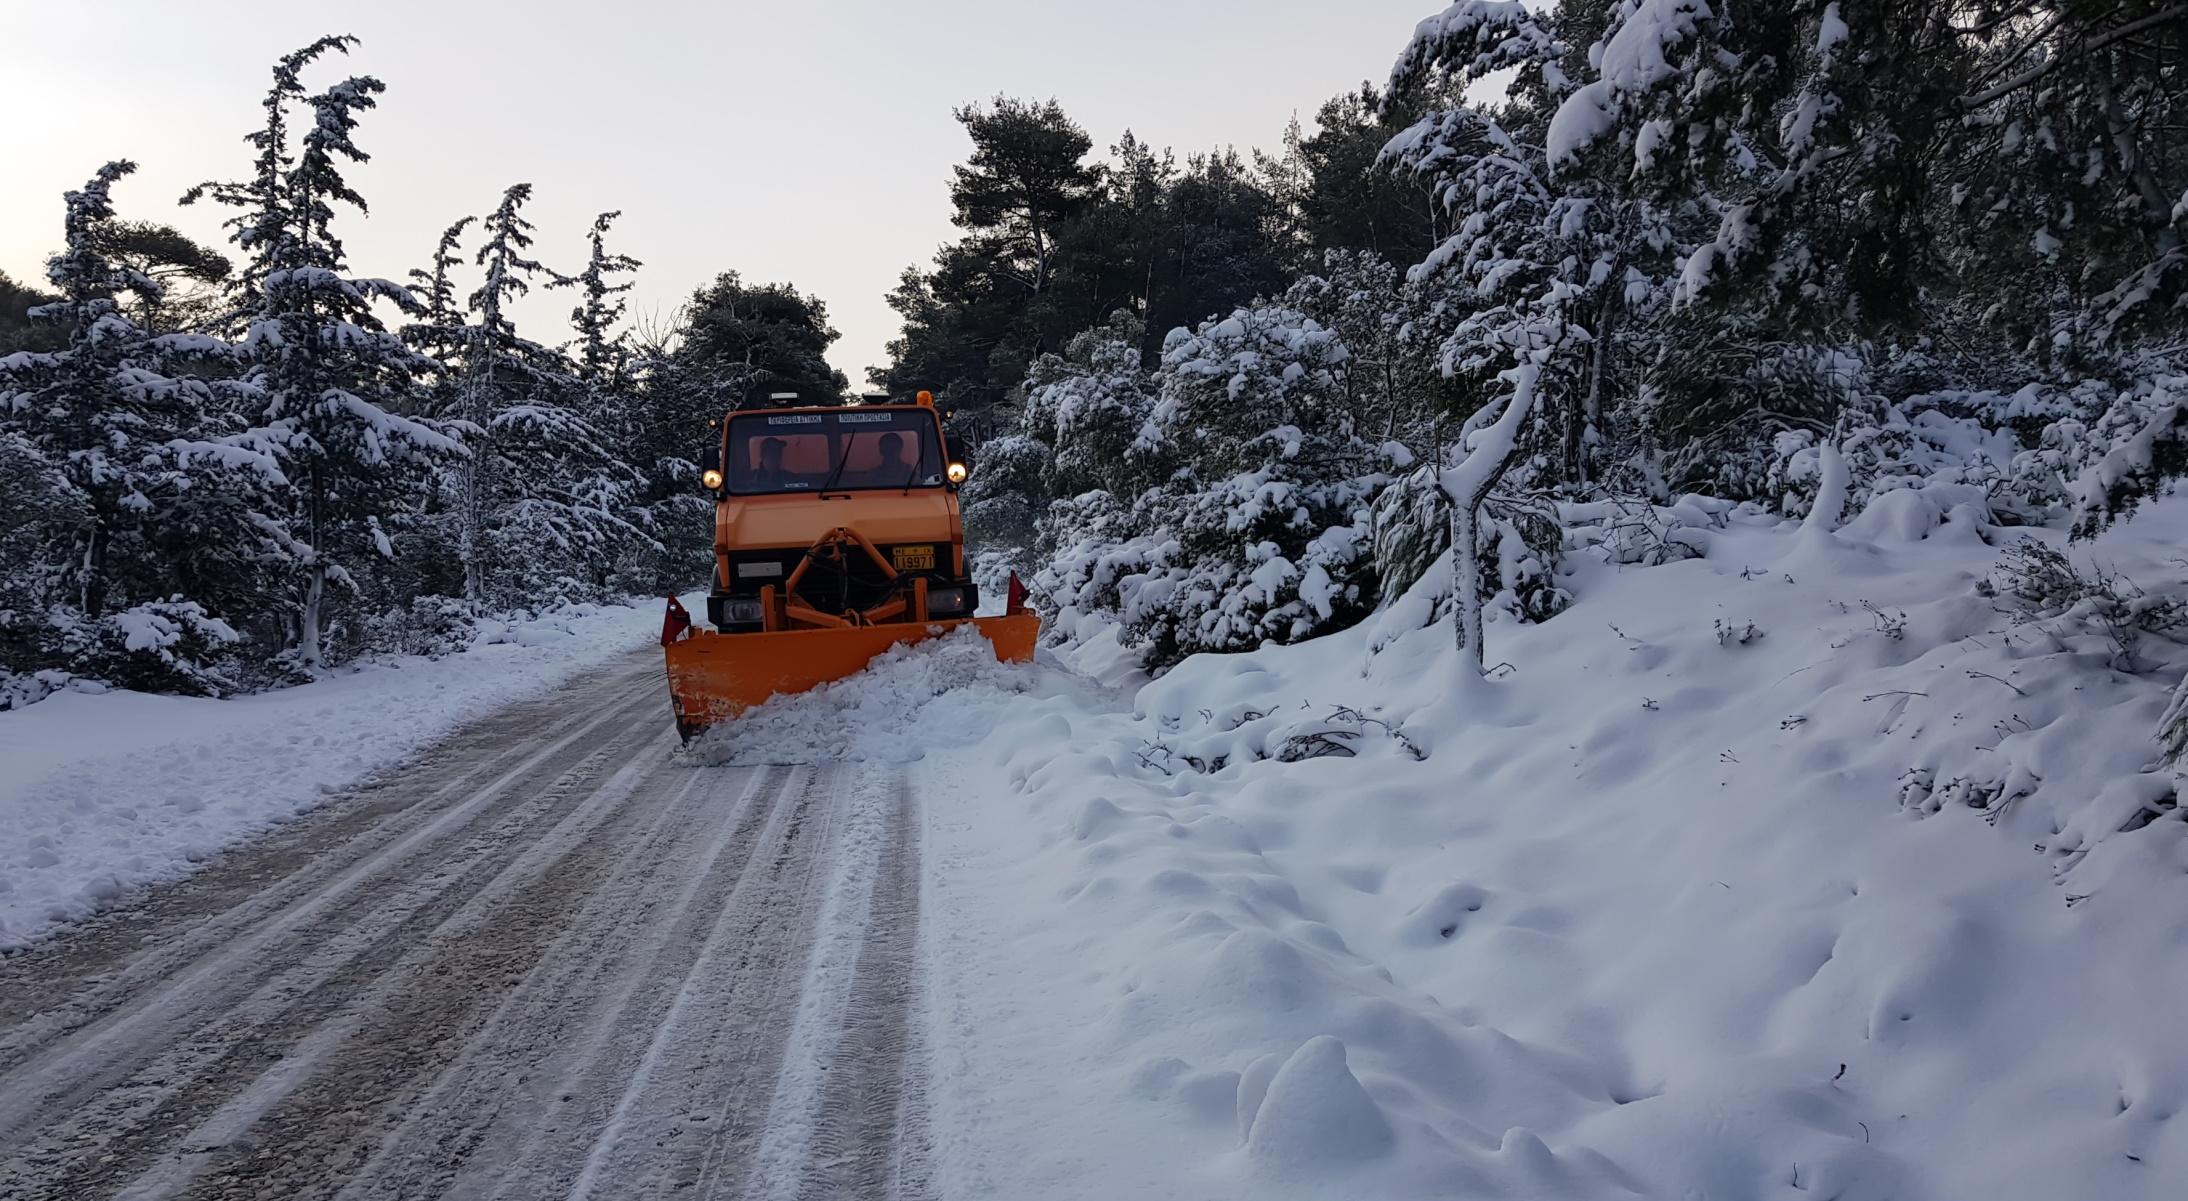 Καιρός σήμερα: Συνεχίζεται η «επέλαση» της κακοκαιρίας «Μήδεια» – Πολικές θερμοκρασίες και χιόνια